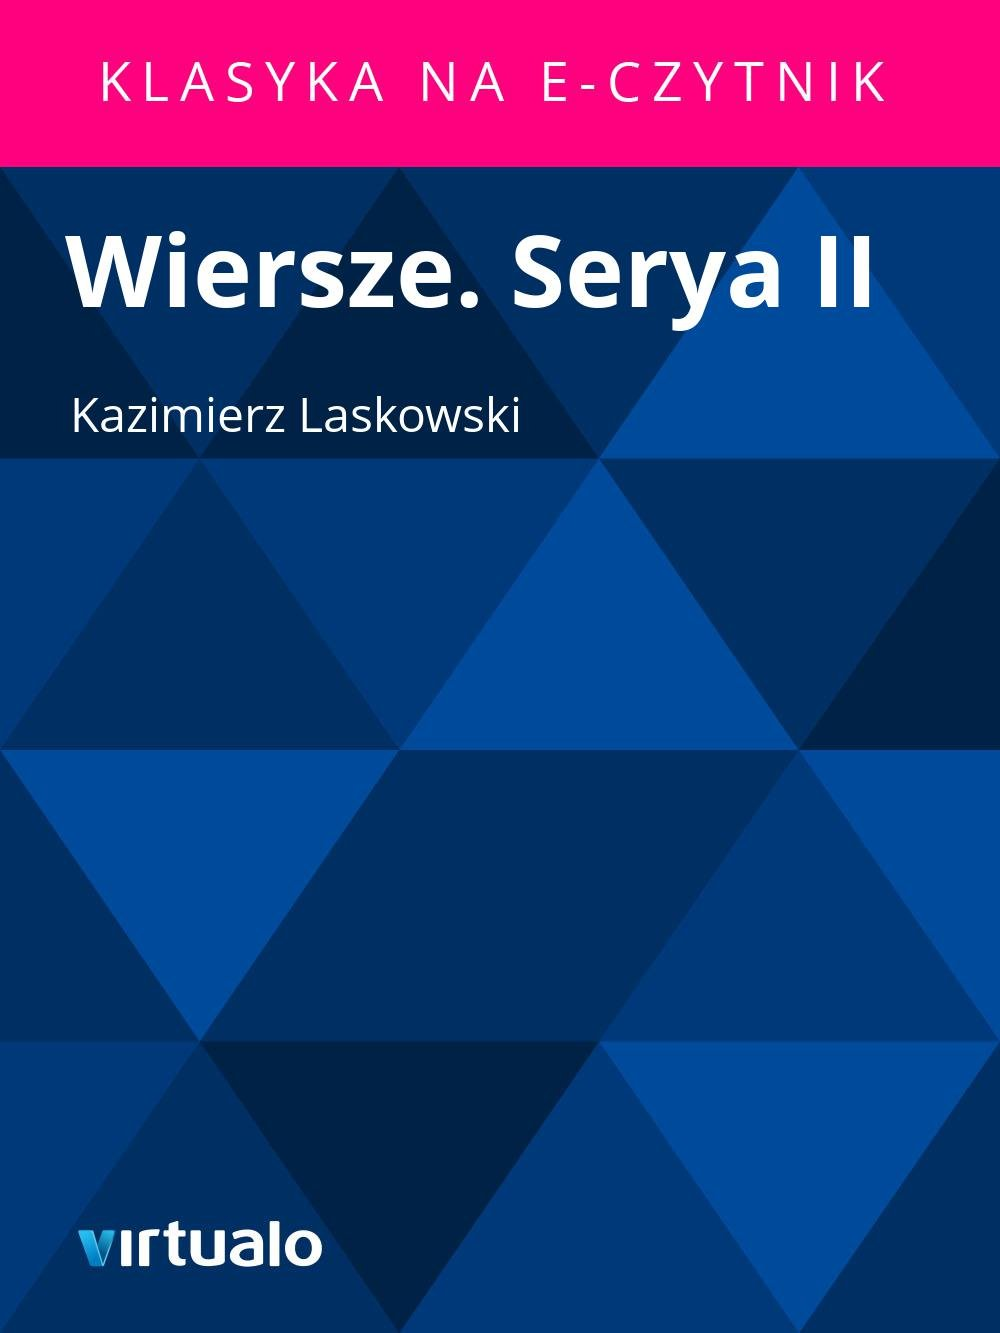 Wiersze. Serya II - Ebook (Książka EPUB) do pobrania w formacie EPUB